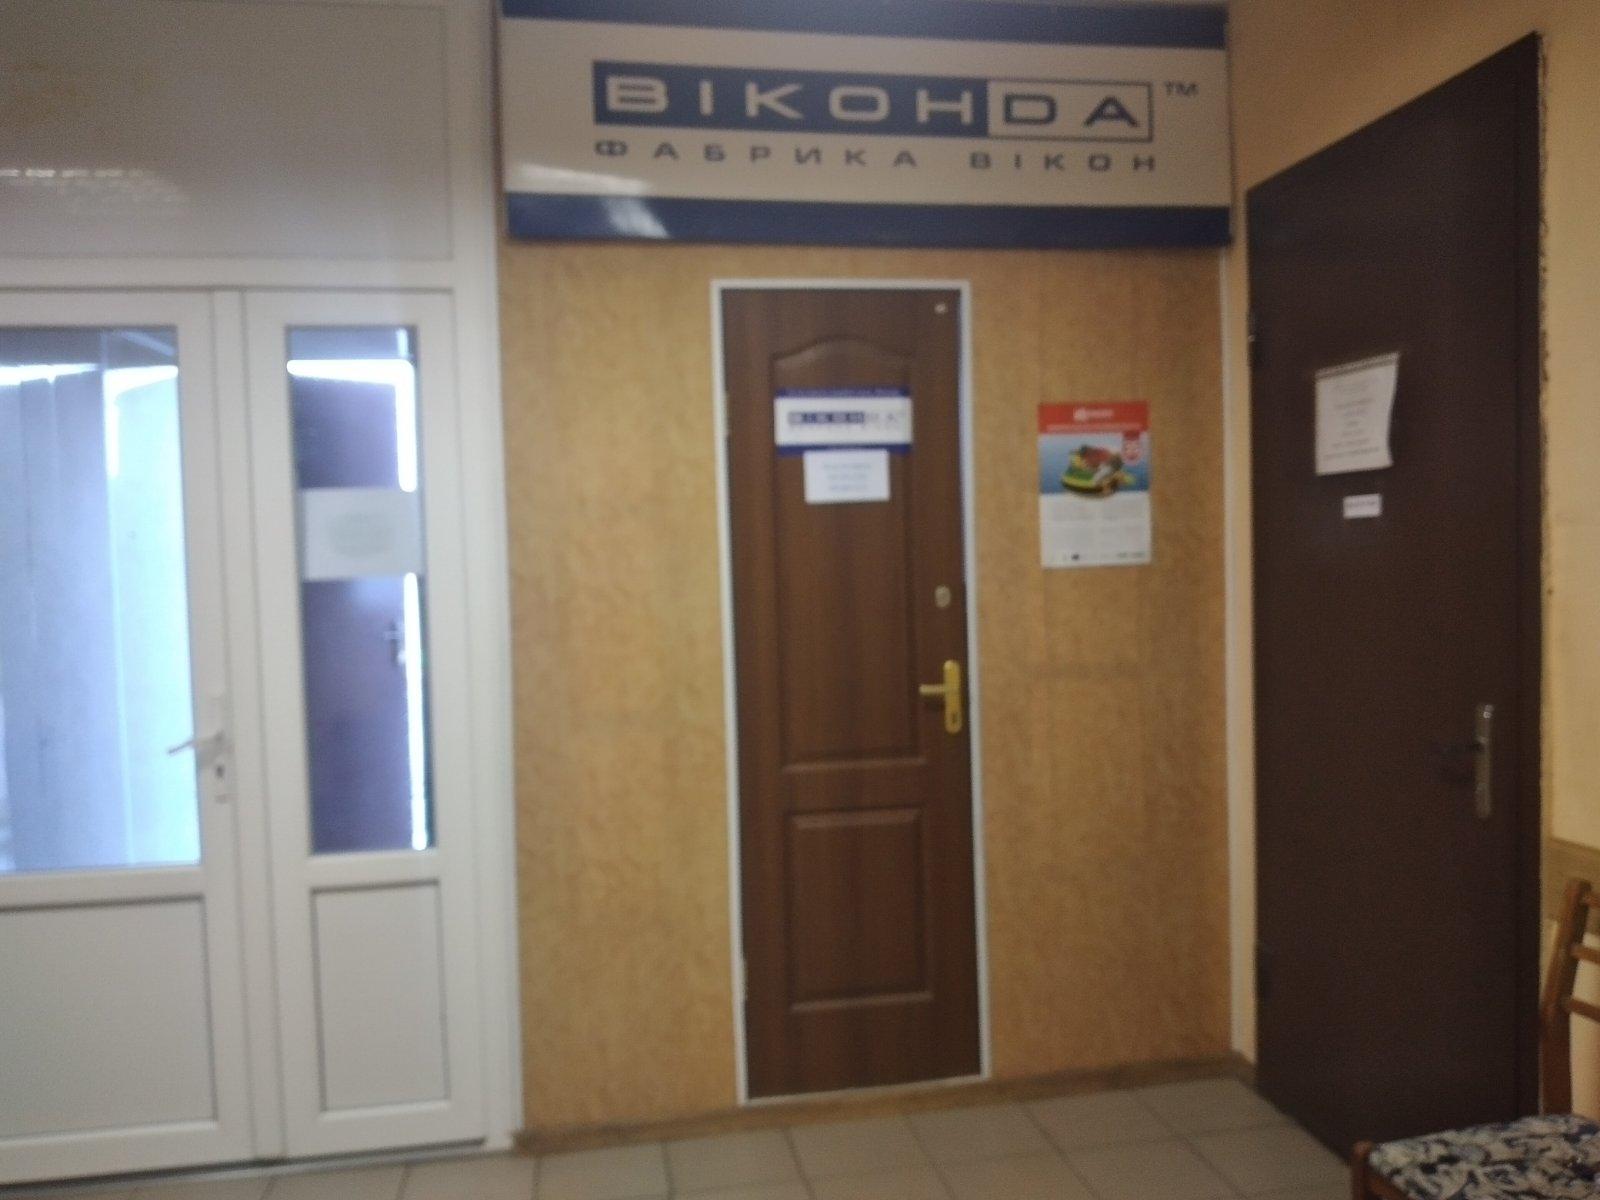 фото салону Віконда у Вільнянську